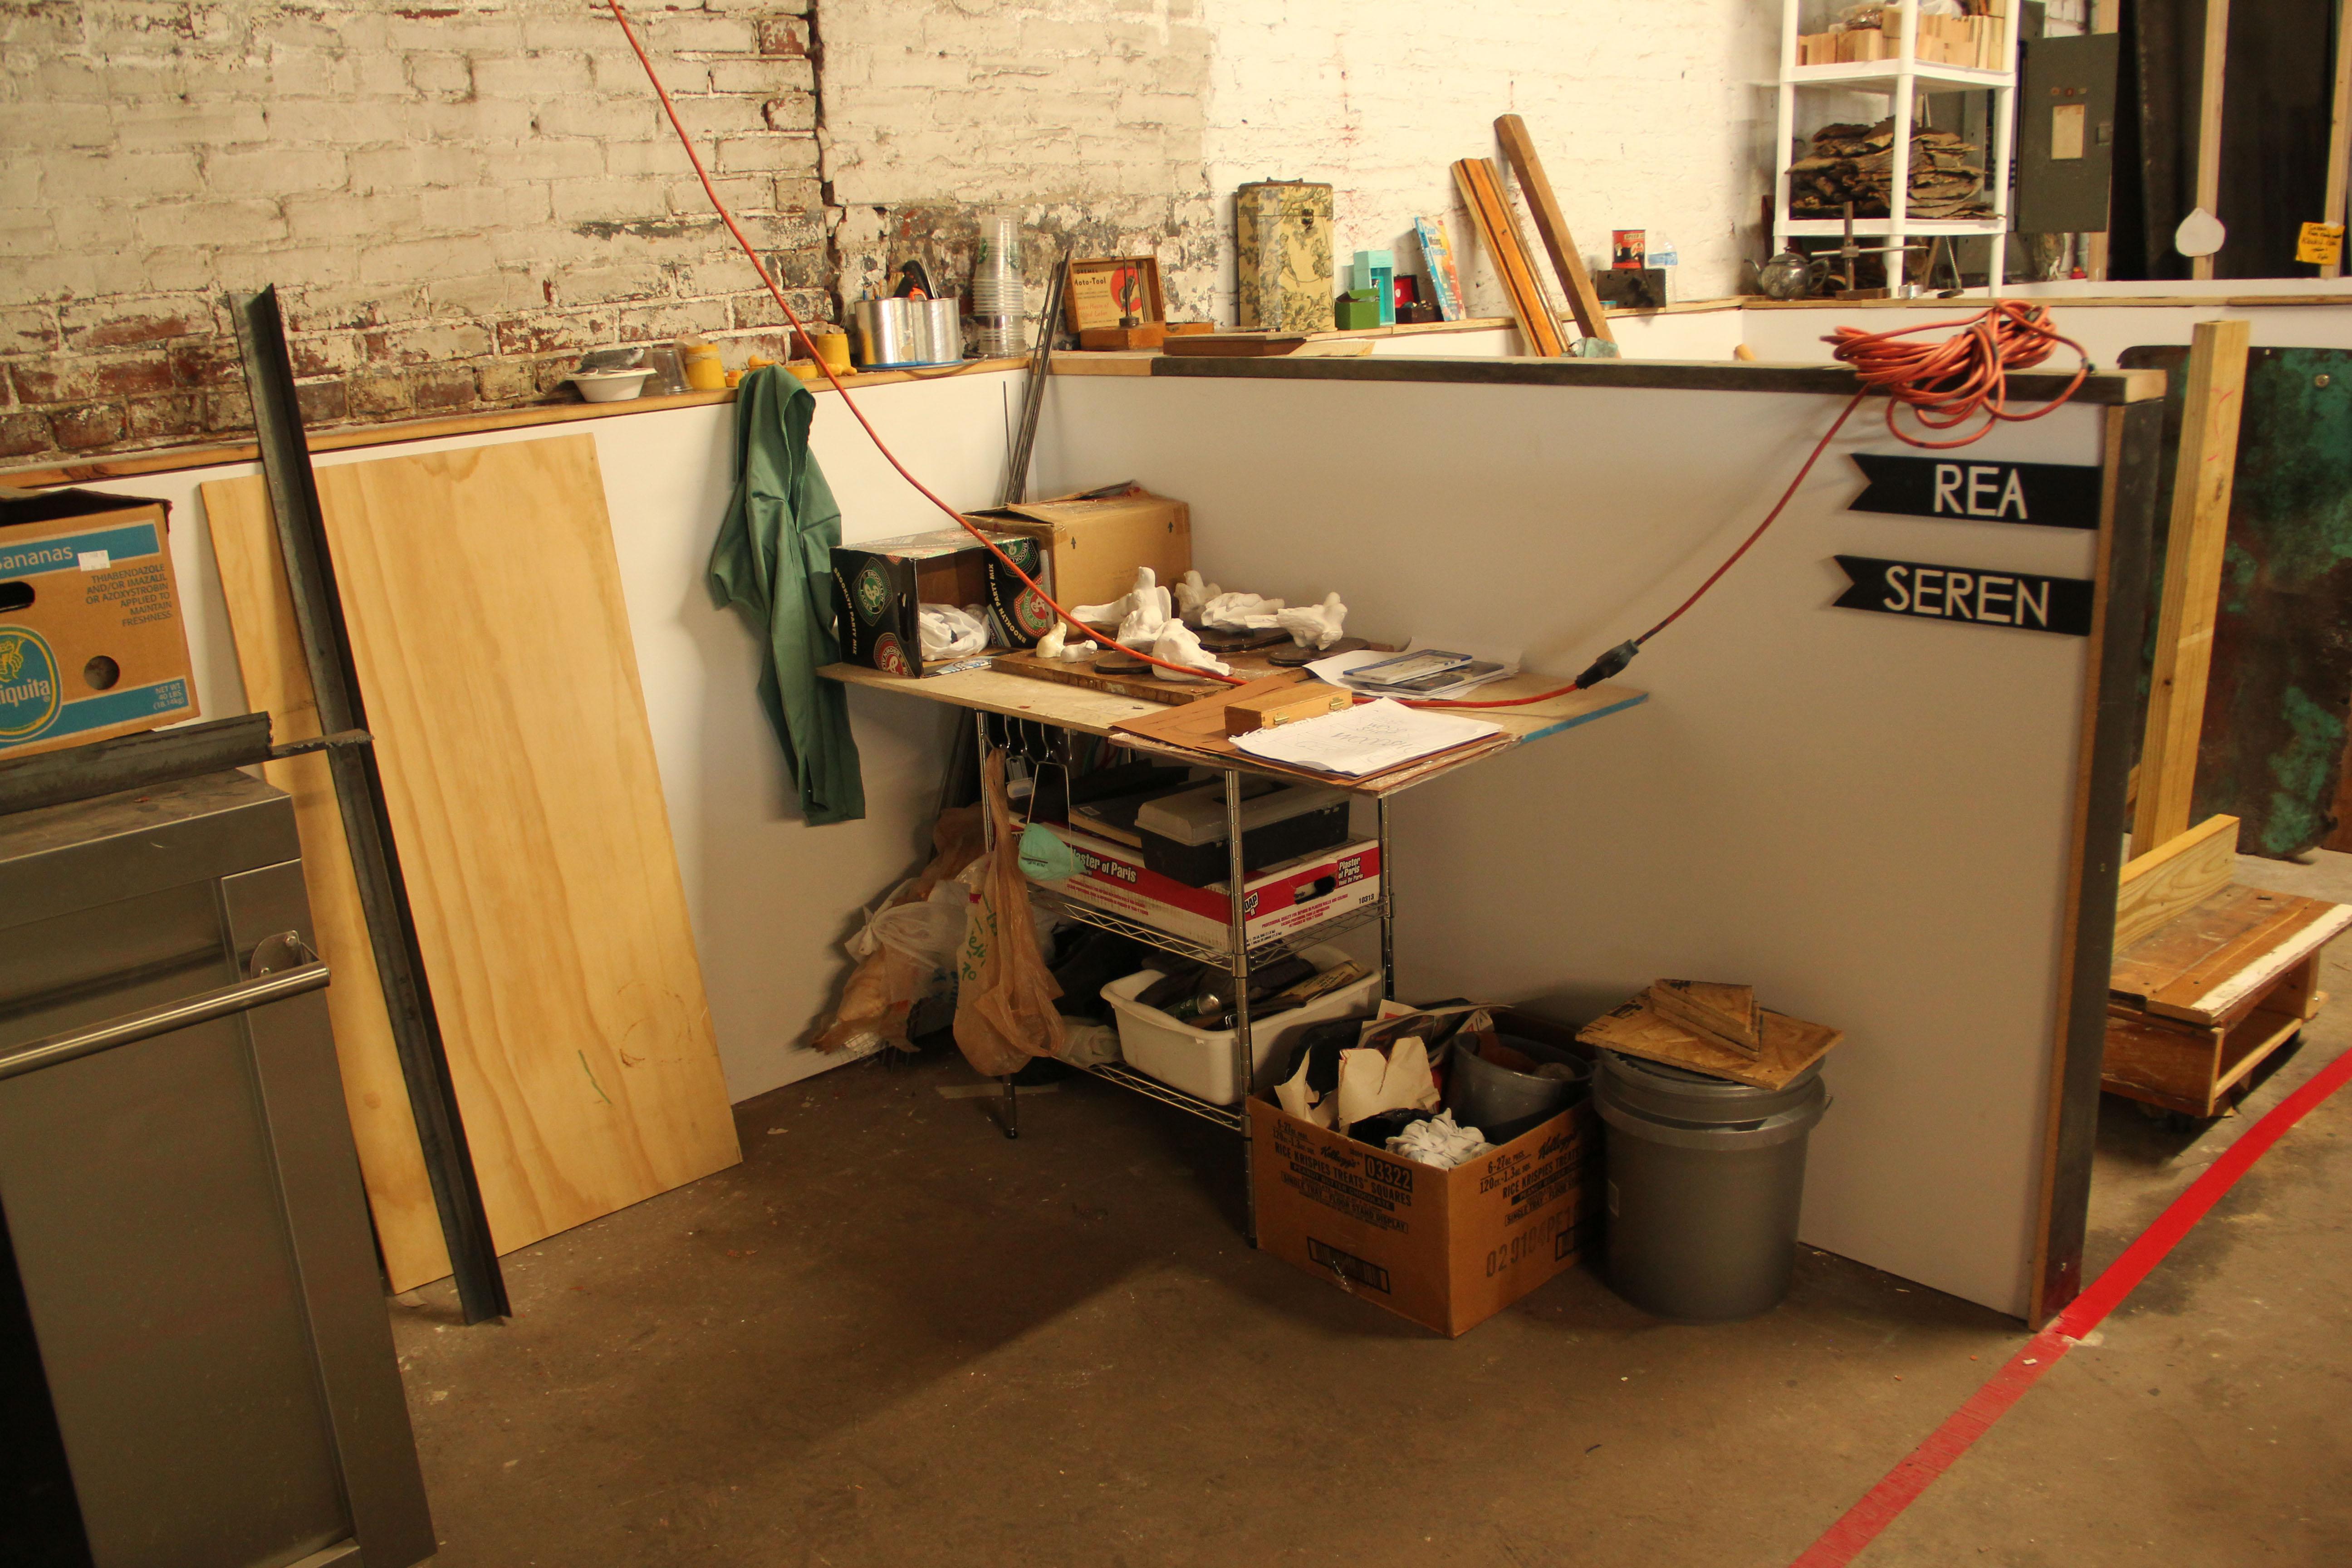 fa1301techphilly_StorageSpace